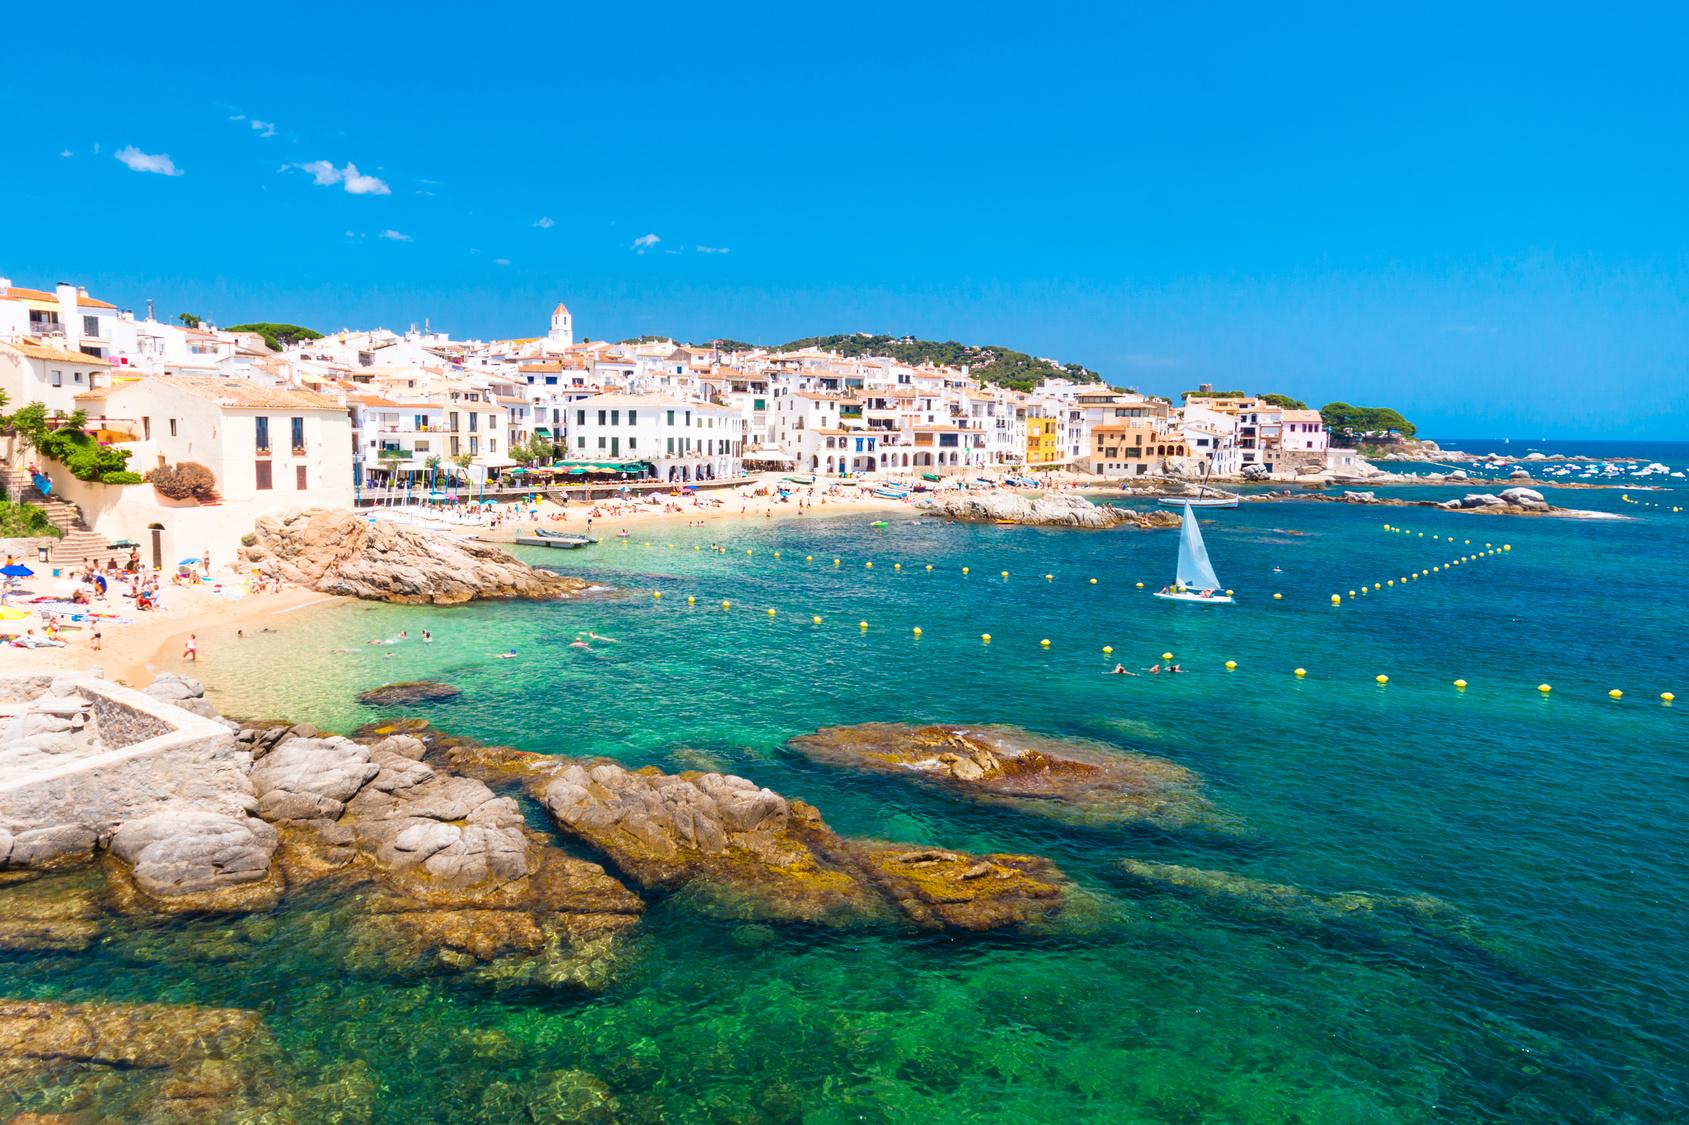 Wakacje w Hiszpanii - sprawdź!